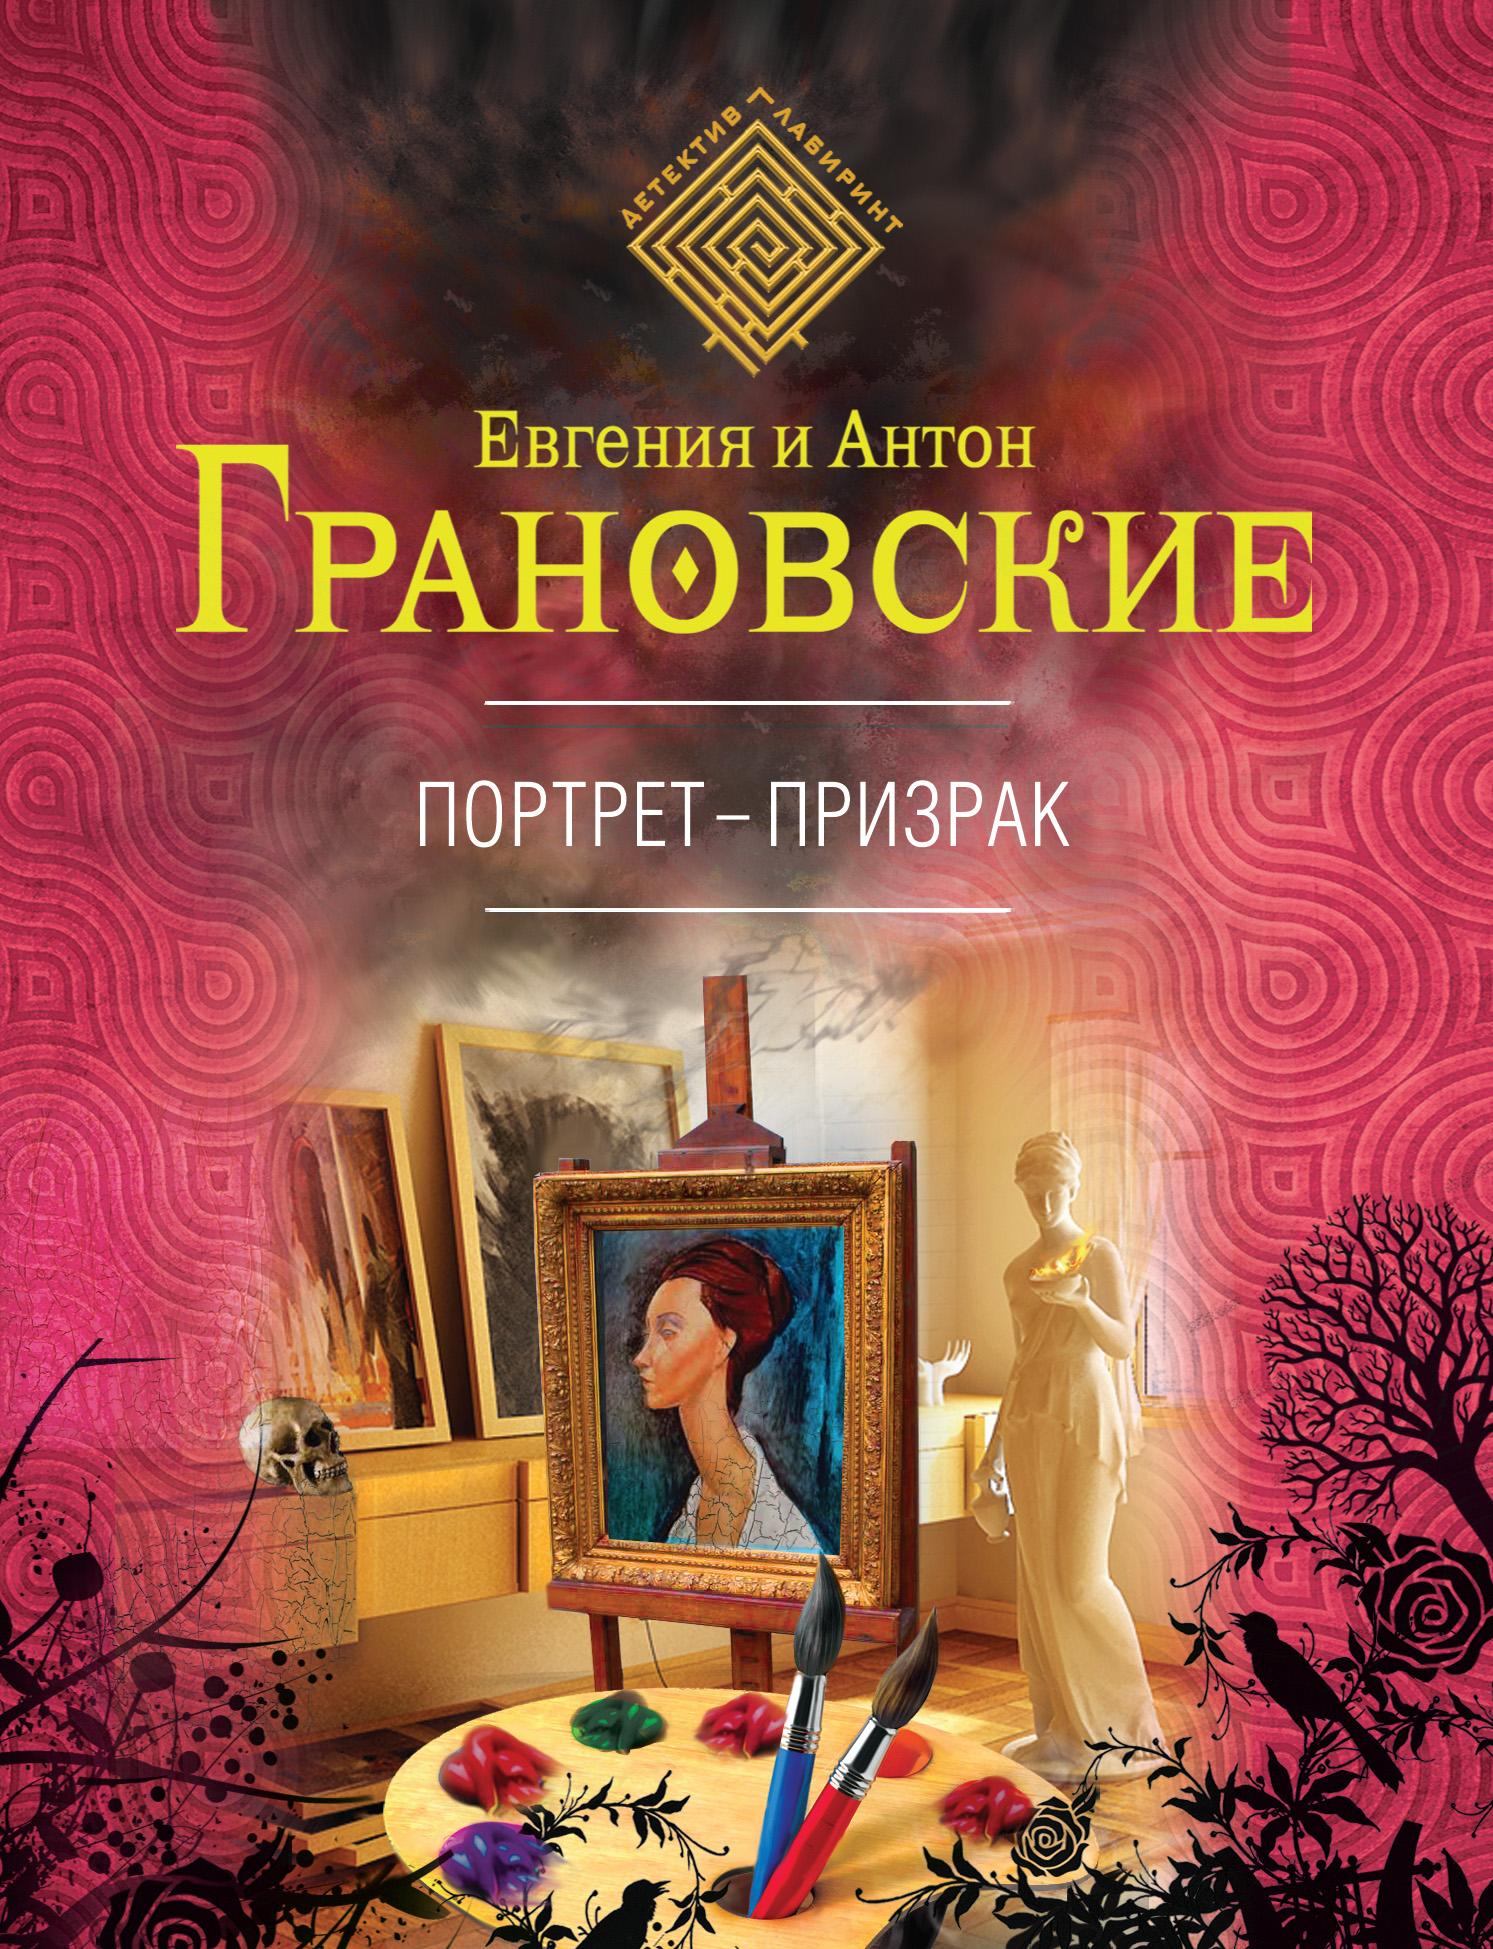 Антон Грановский Портрет-призрак грановская е грановский а портрет призрак